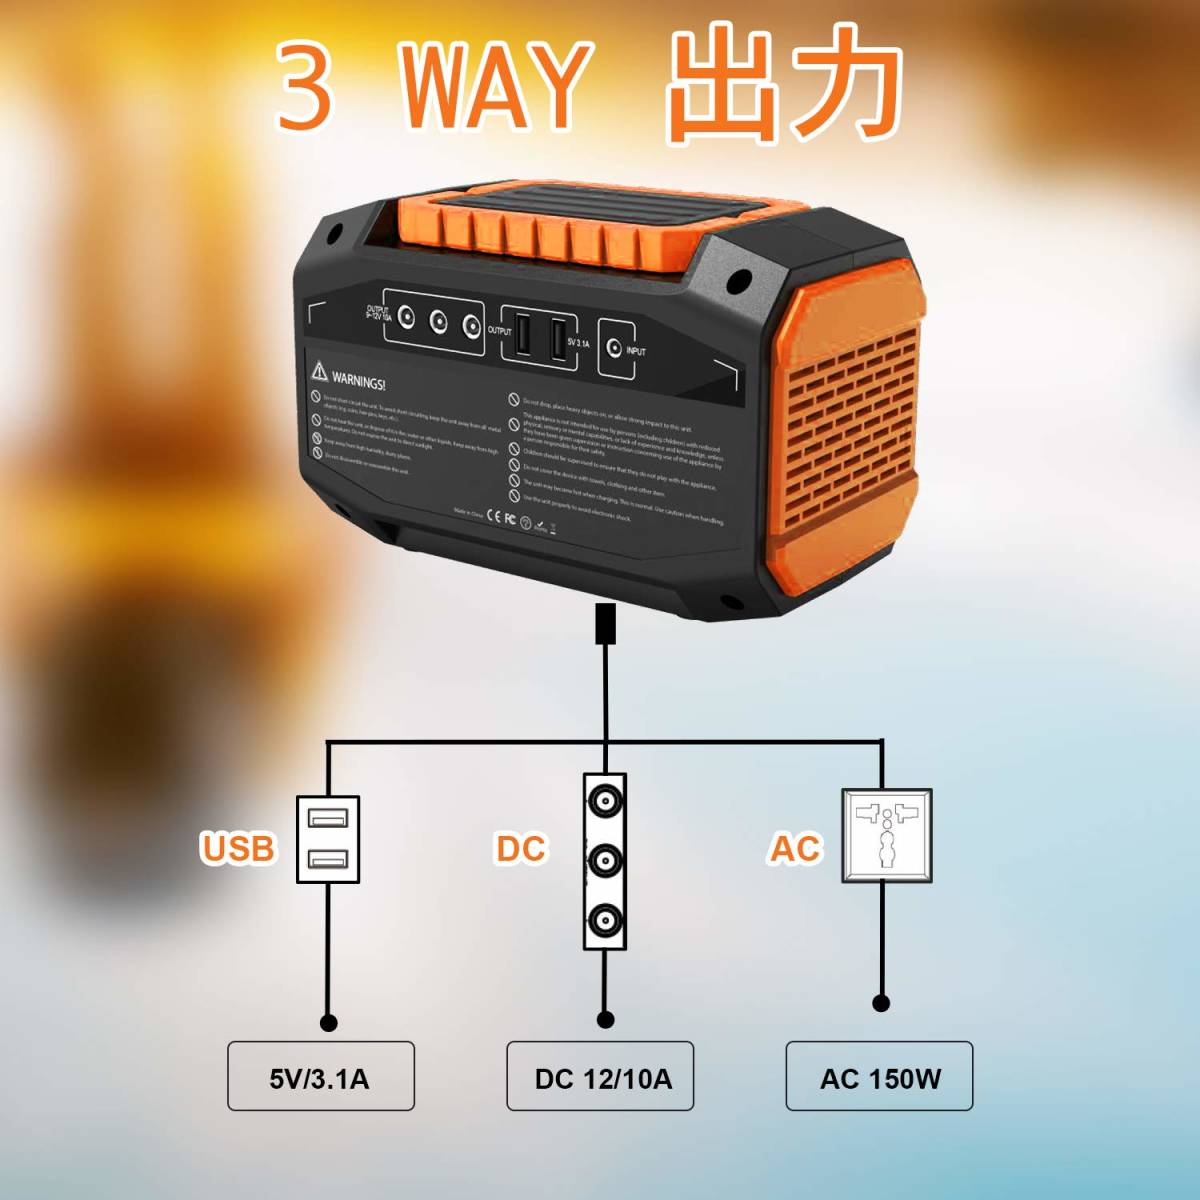 送料無料 Webetop ポータブル電源 167Wh 大容量 AC(150W) DC USB出力 QC3.0急速充電 家庭用蓄電池 充電方法三つ ソーラーパネル充電_画像3